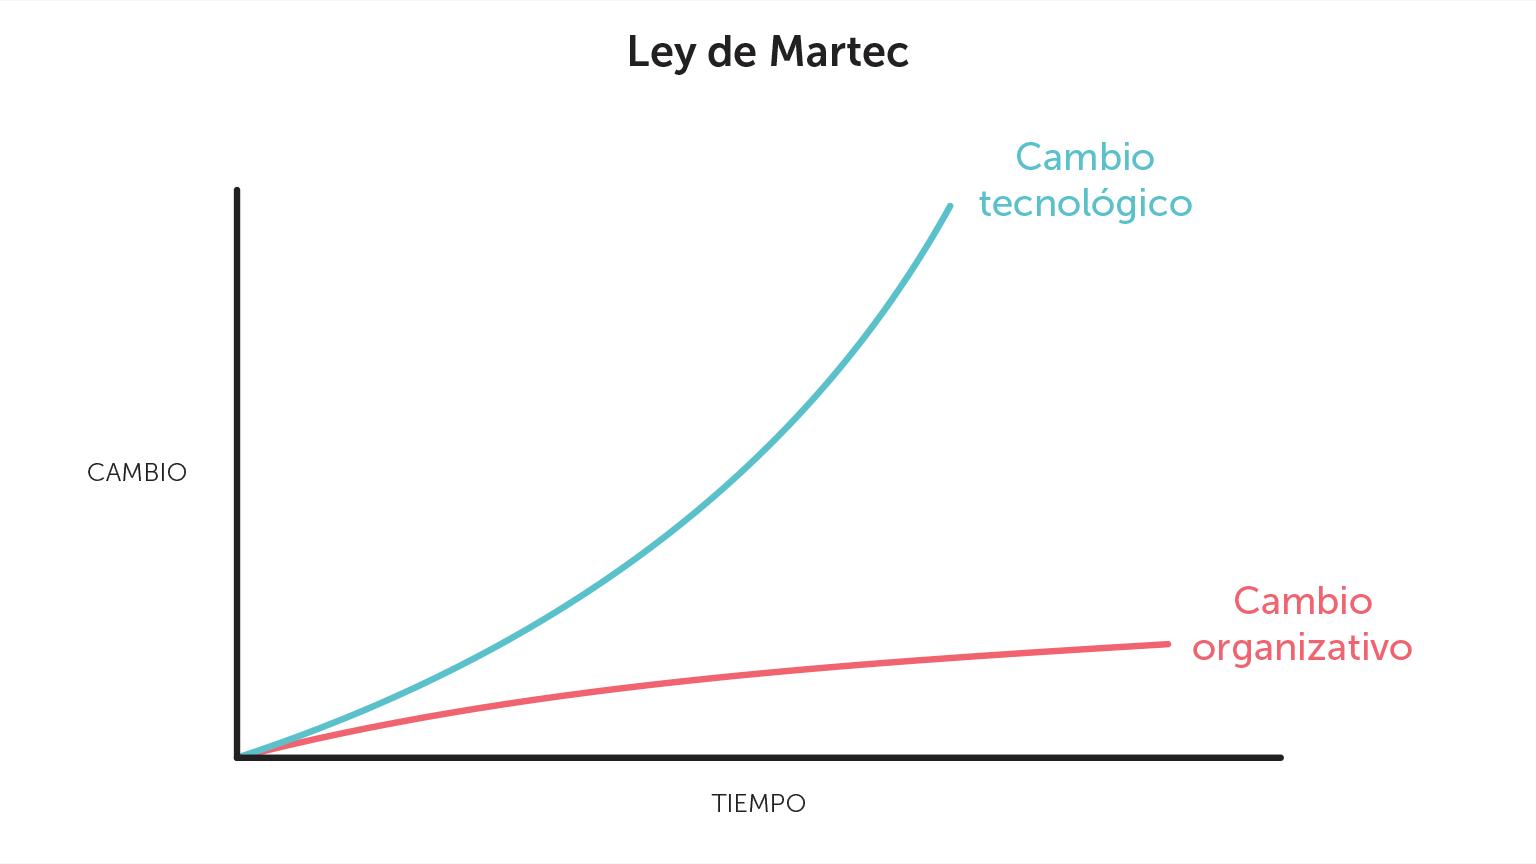 Gráfico de la ley de Martec